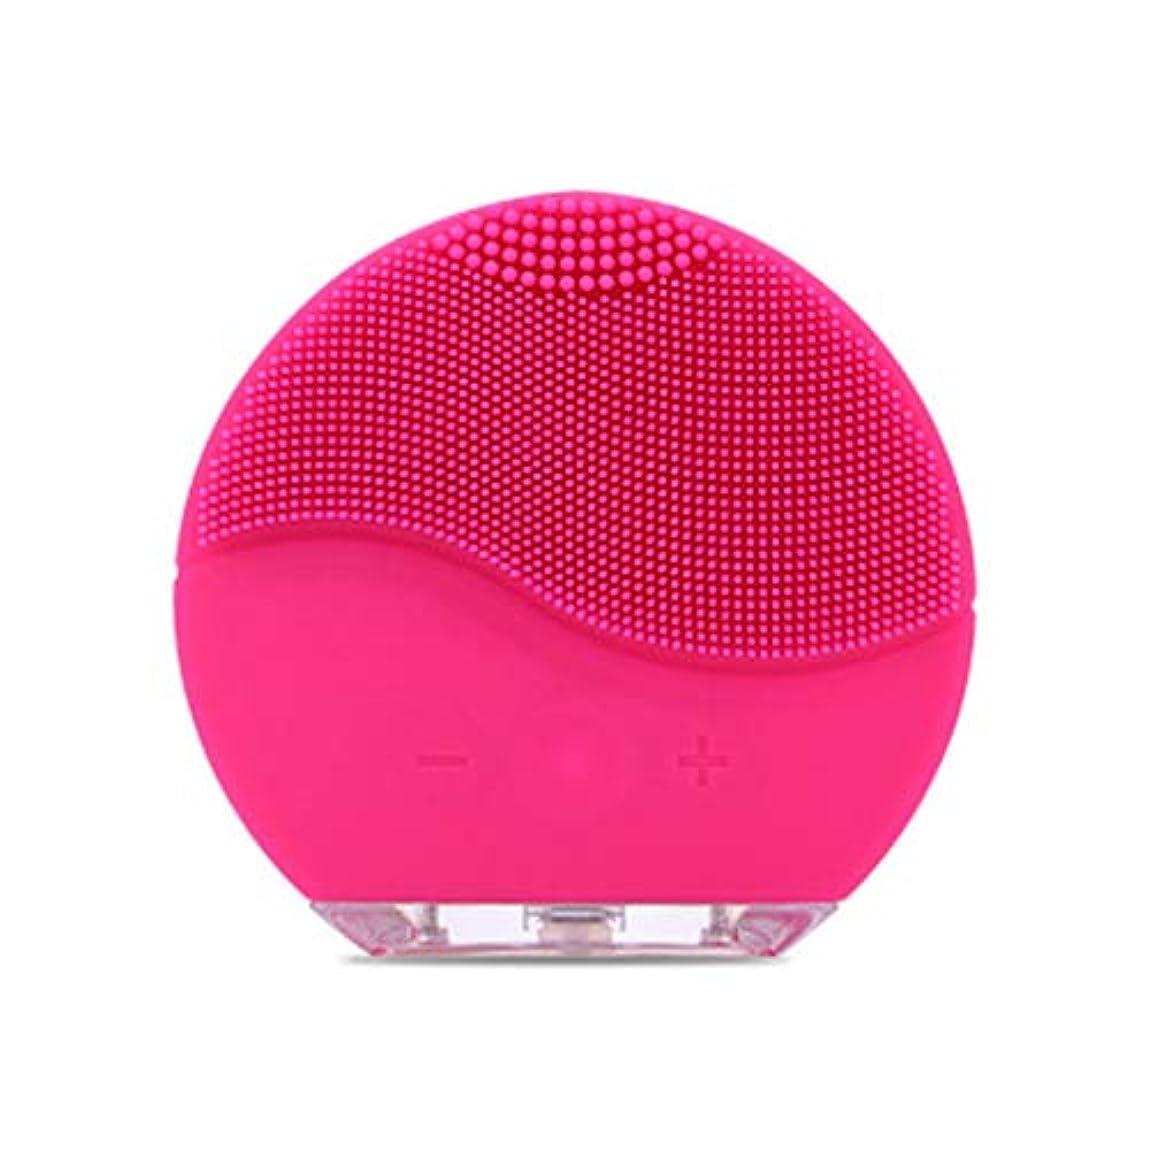 六分儀アスリート潮Qi フェイシャルクレンザーブラシ、電気フェイシャルミニシリコン防水超音波ポアクリーンインストゥルメントフェイススキンケアスパマッサージャー GQ (色 : A)